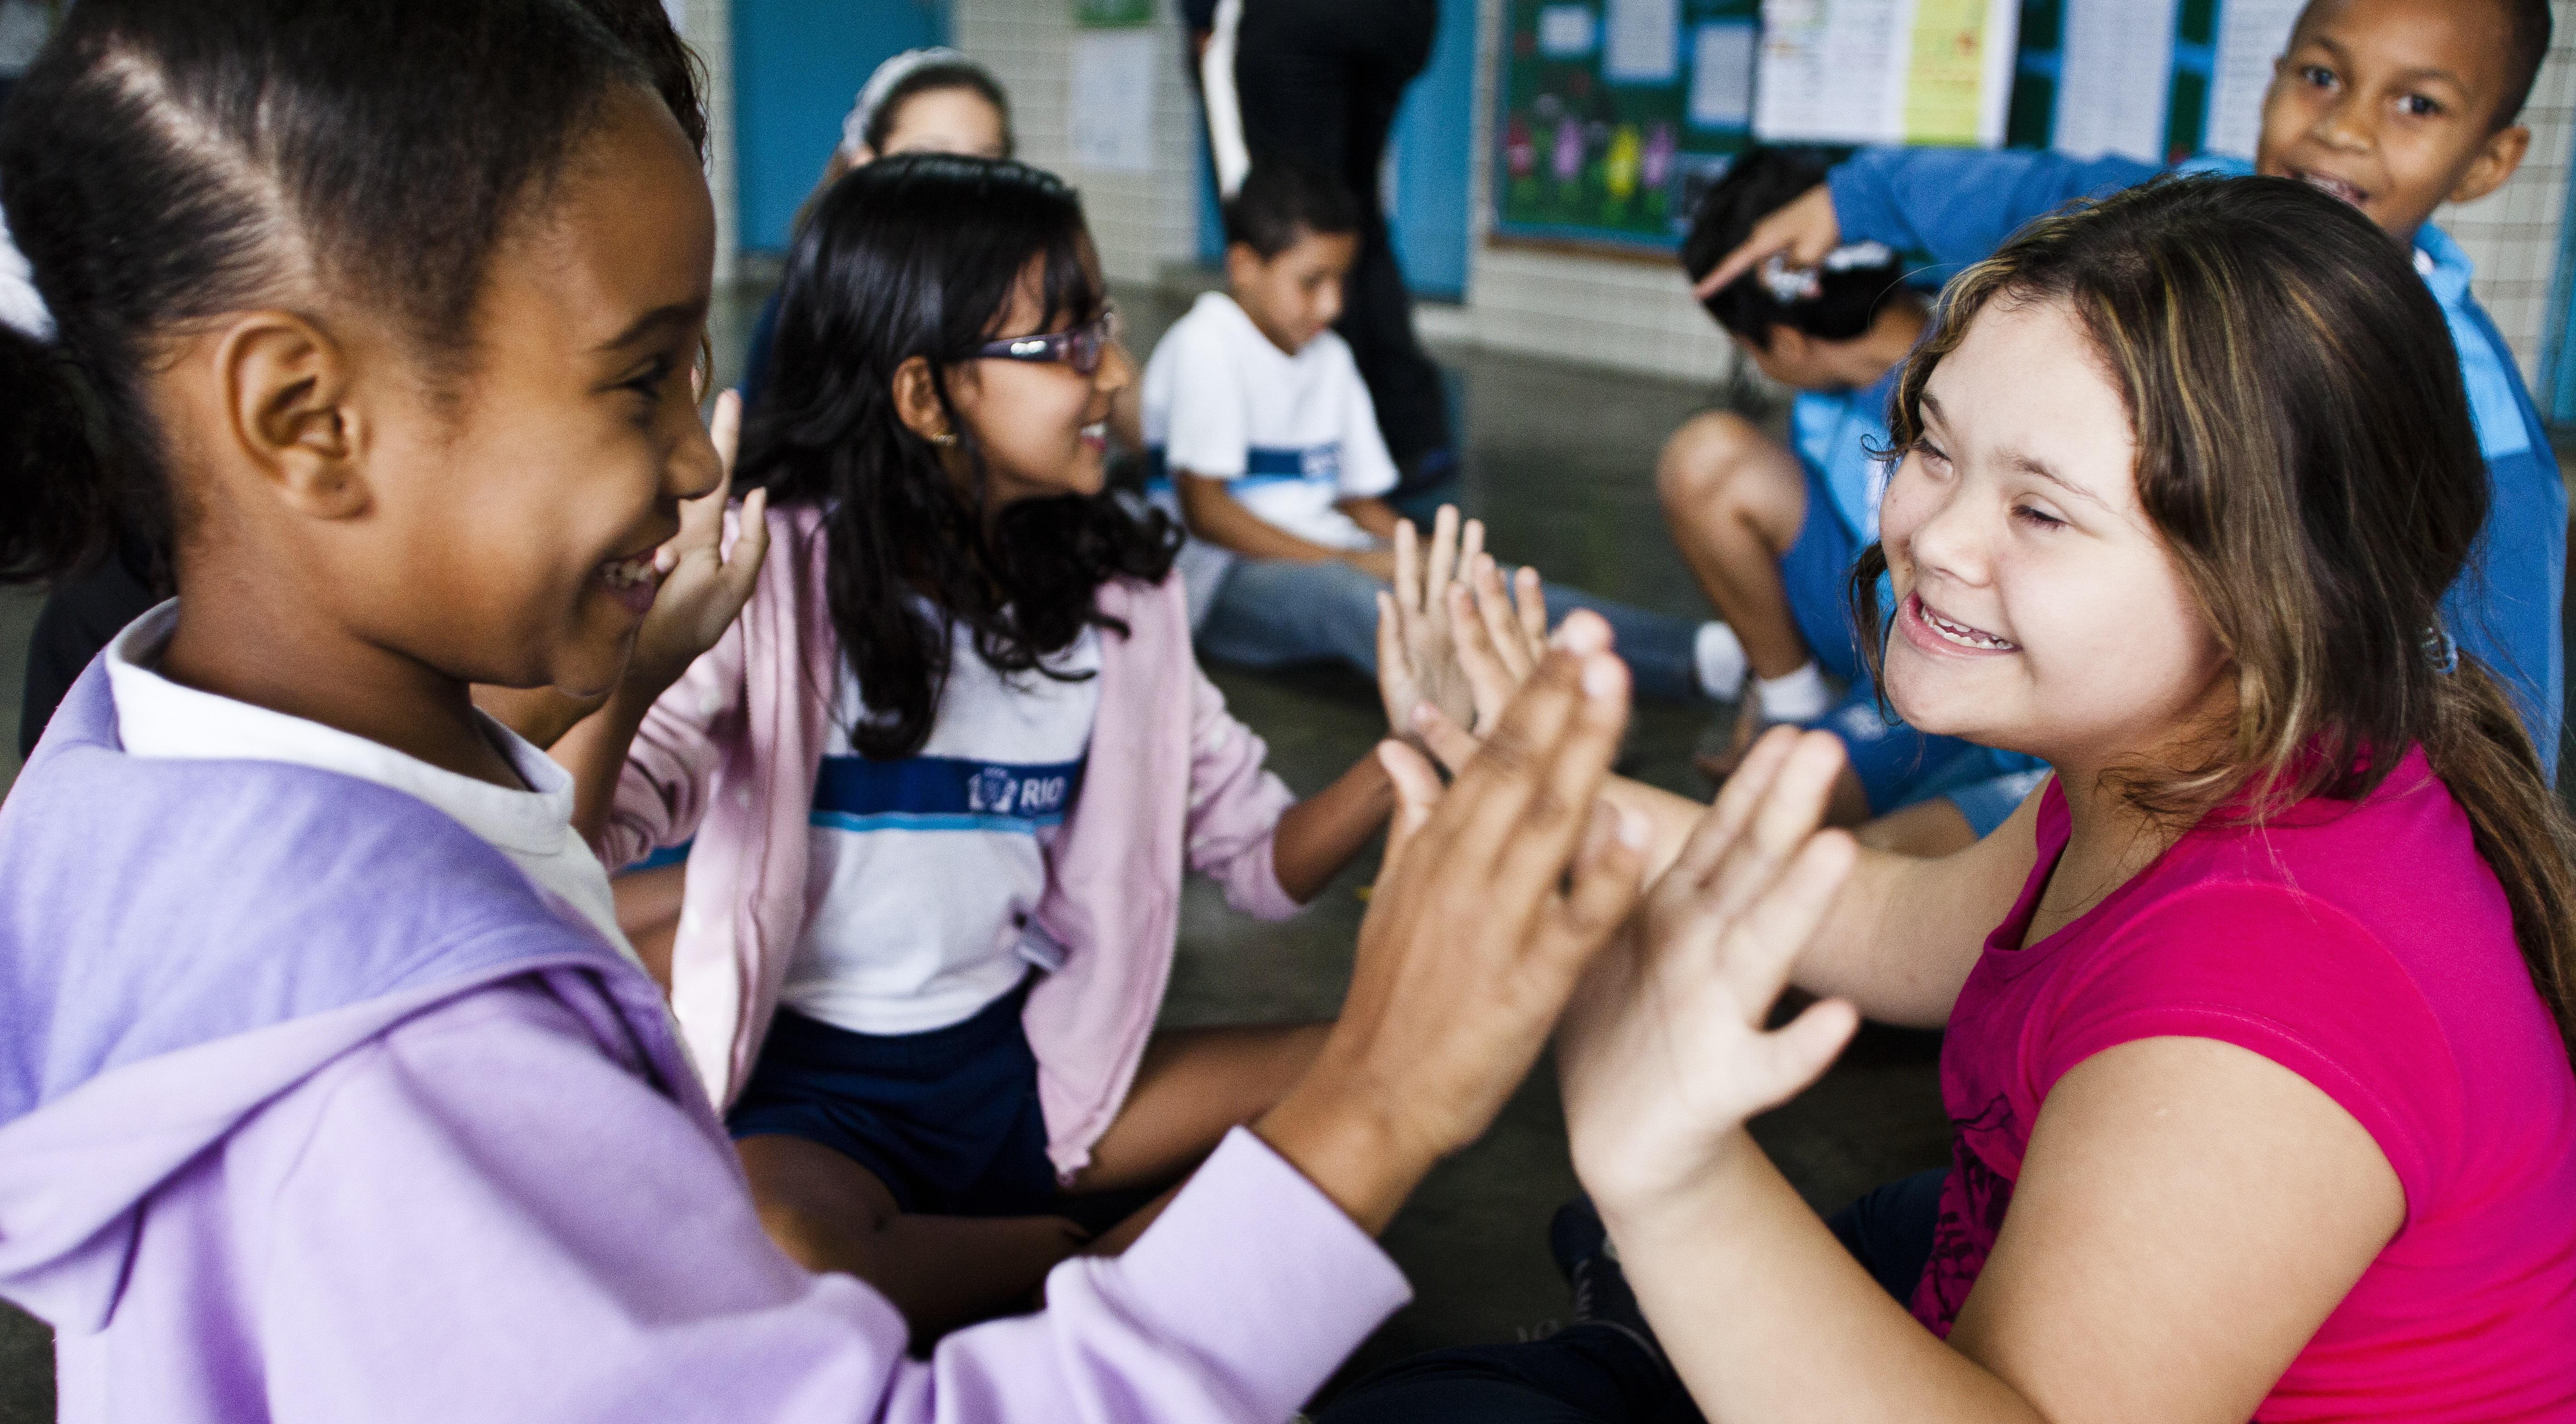 Imagem ilustra uma sala de aula inclusiva. Na foto podemos ver em primeiro plano uma garota negra sem deficiência brincando com uma garota branca com síndrome de Down. Uma sorri para a outra. Na mesma sala de aula, outras crianças sem nenhuma deficiência aparente também brincam umas com as outras. Elas estão usando o uniforme da escola municipal do Rio de Janeiro.